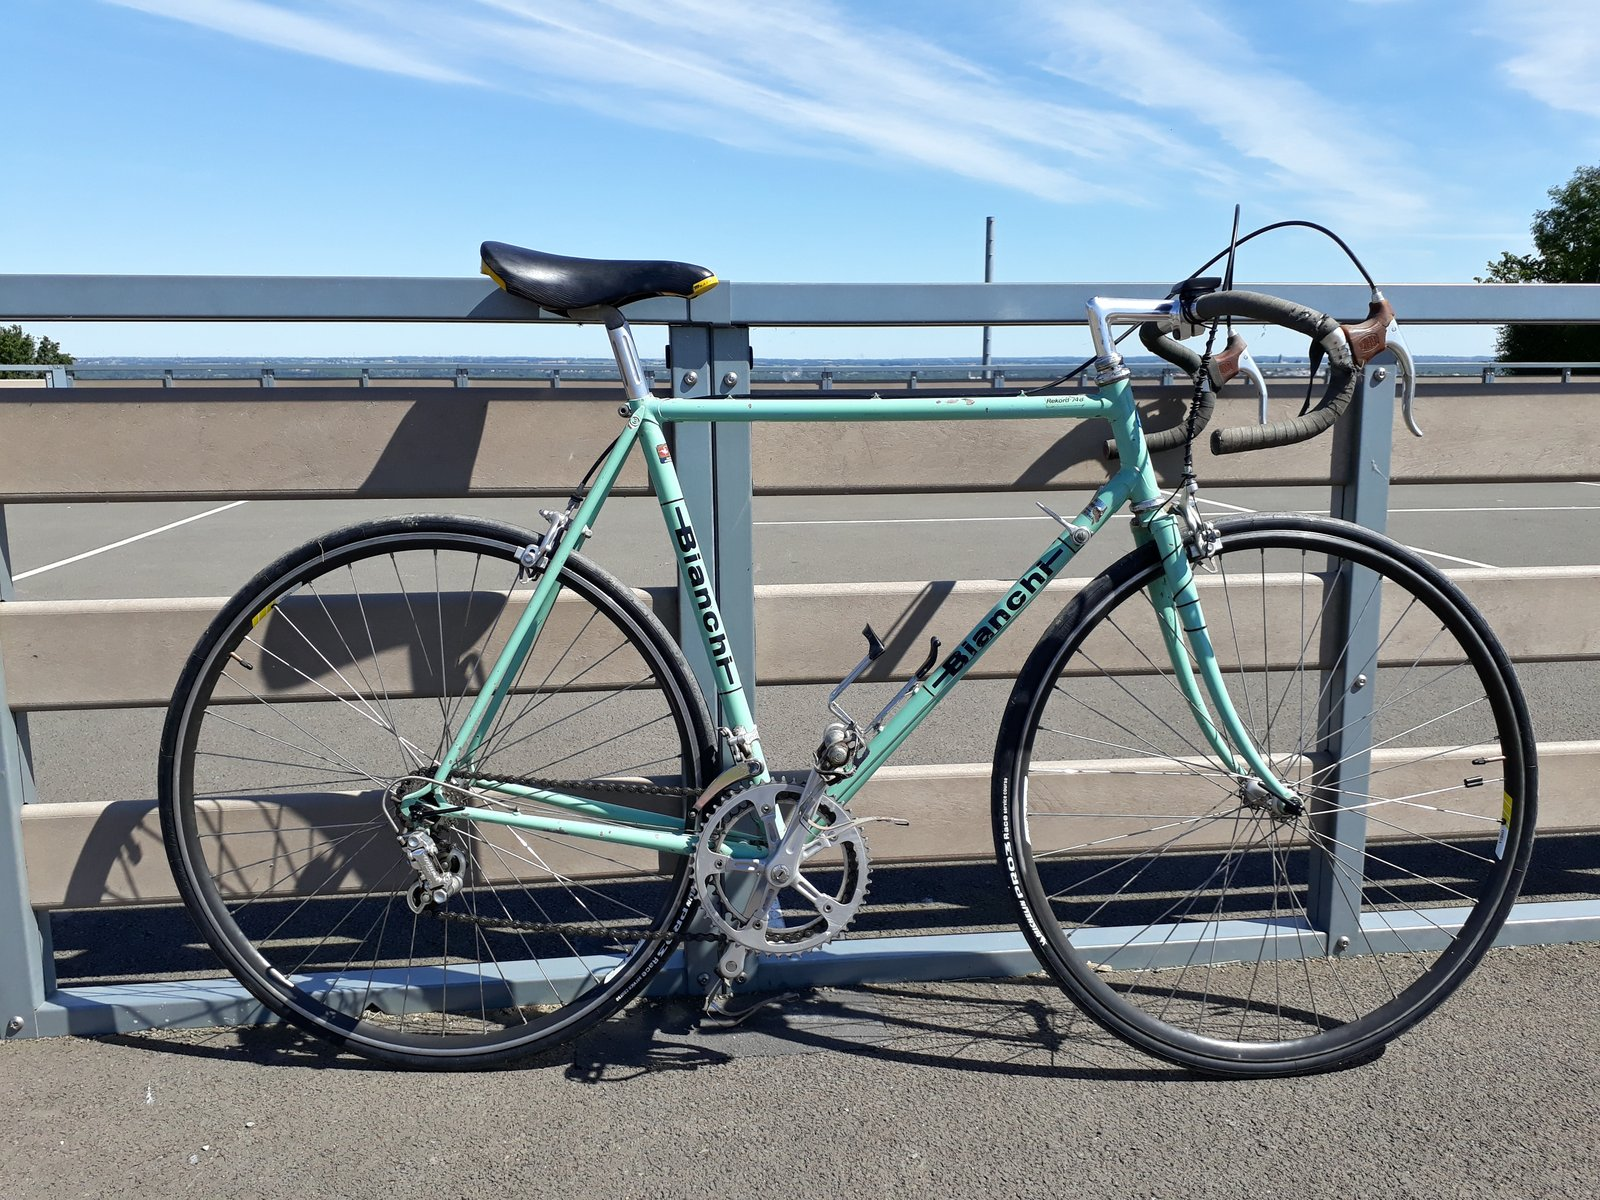 Bianchi Rekord 748, le vélo de famille.... MAJ Page 2 - Page 2 200518124735438754